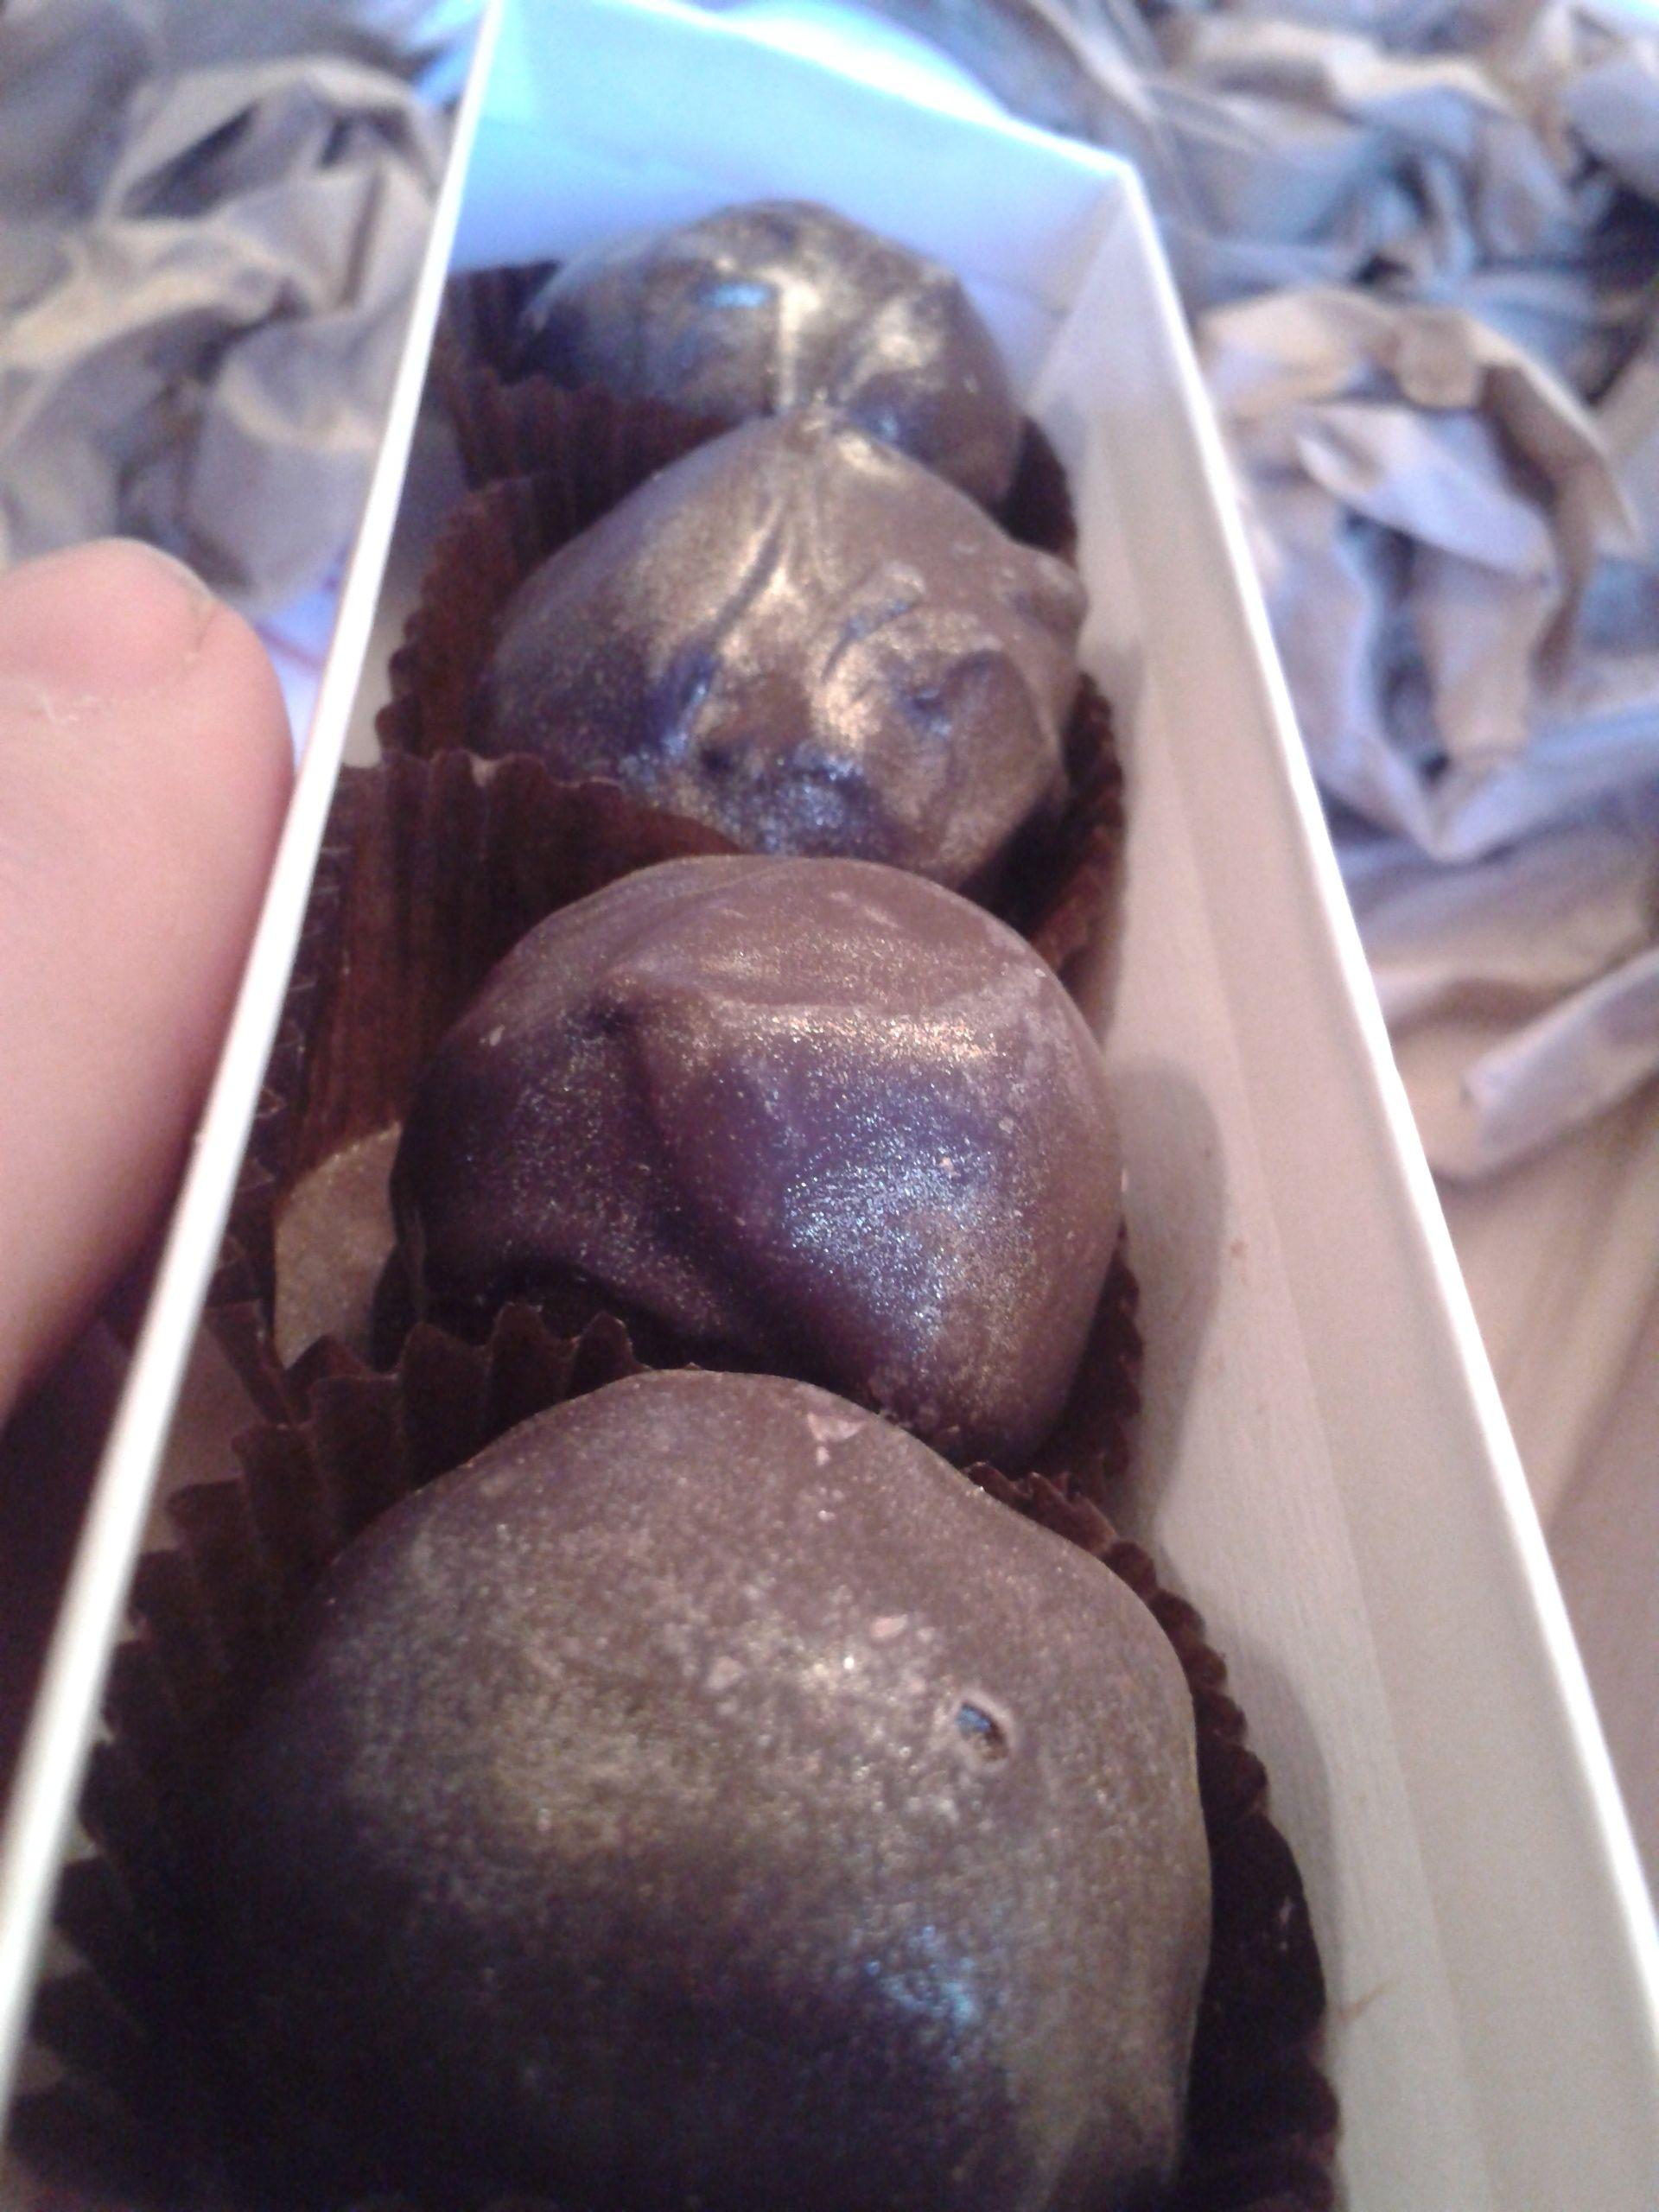 http://i1.wp.com/fatgayvegan.com/wp-content/uploads/2014/02/amaretto-truffles.jpg?fit=1920%2C2560